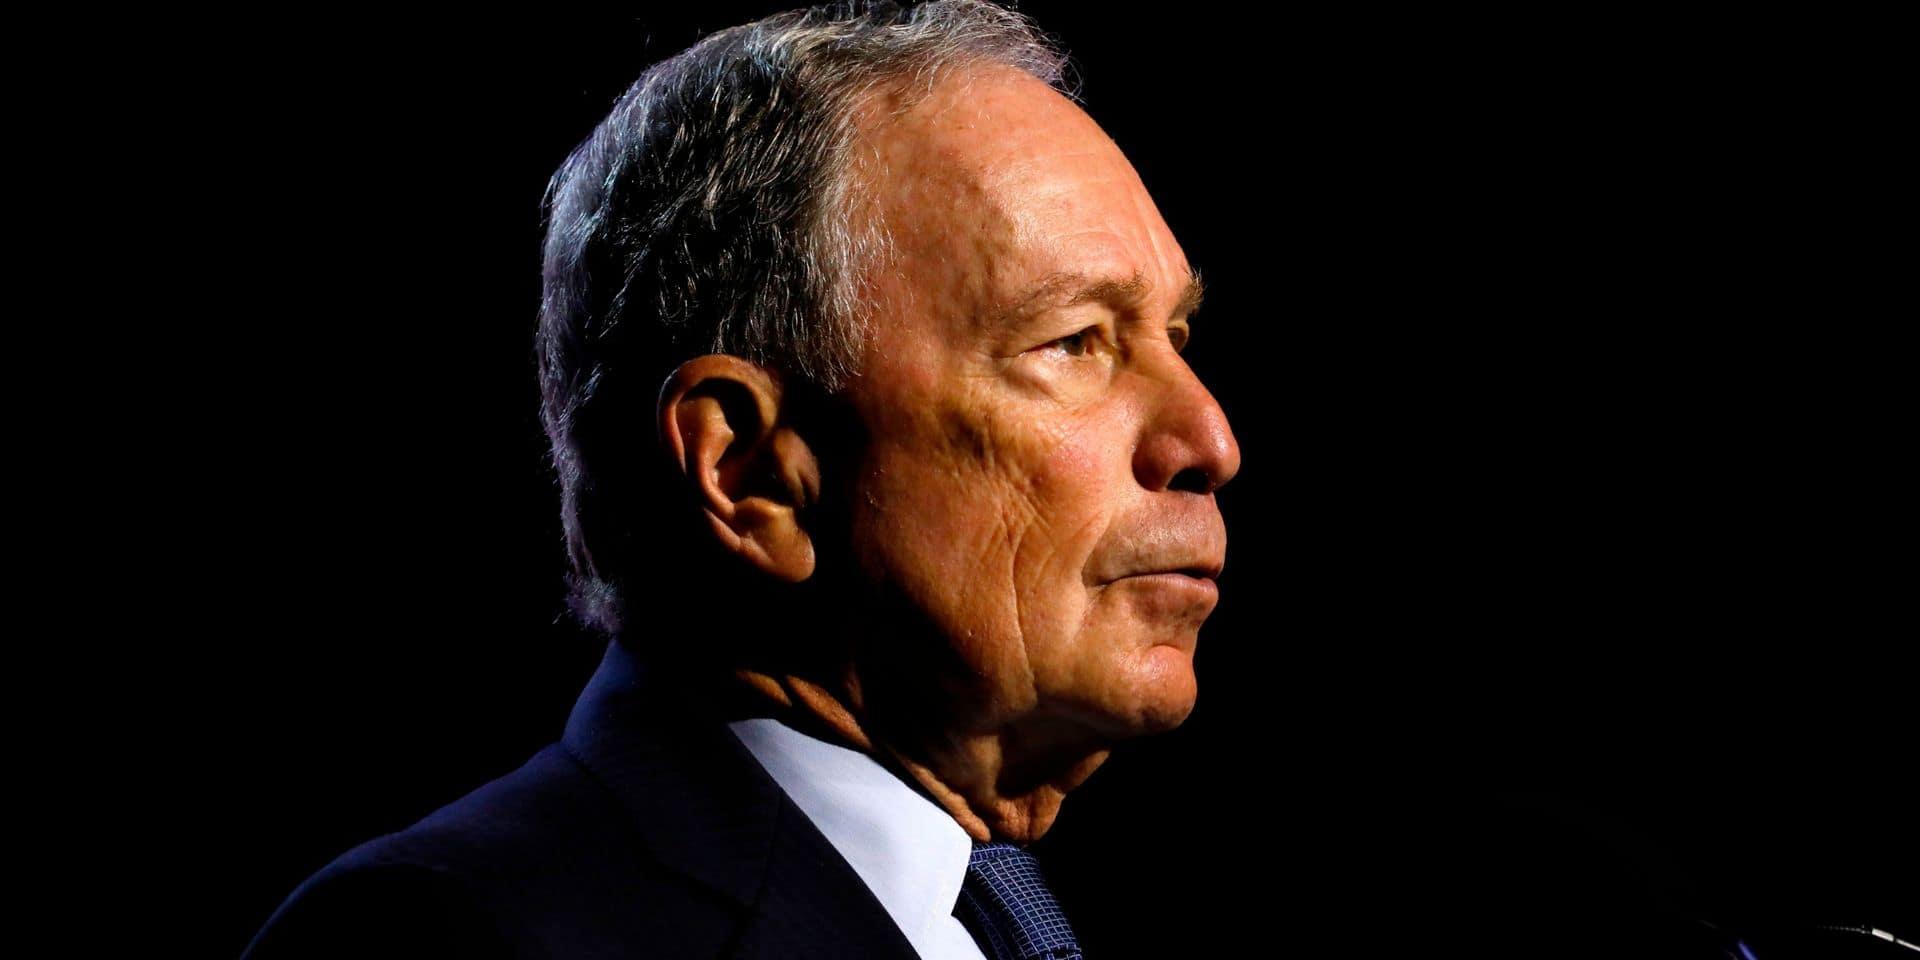 Présidentielle américaine 2020: Michael Bloomberg envisage de se lancer dans la course